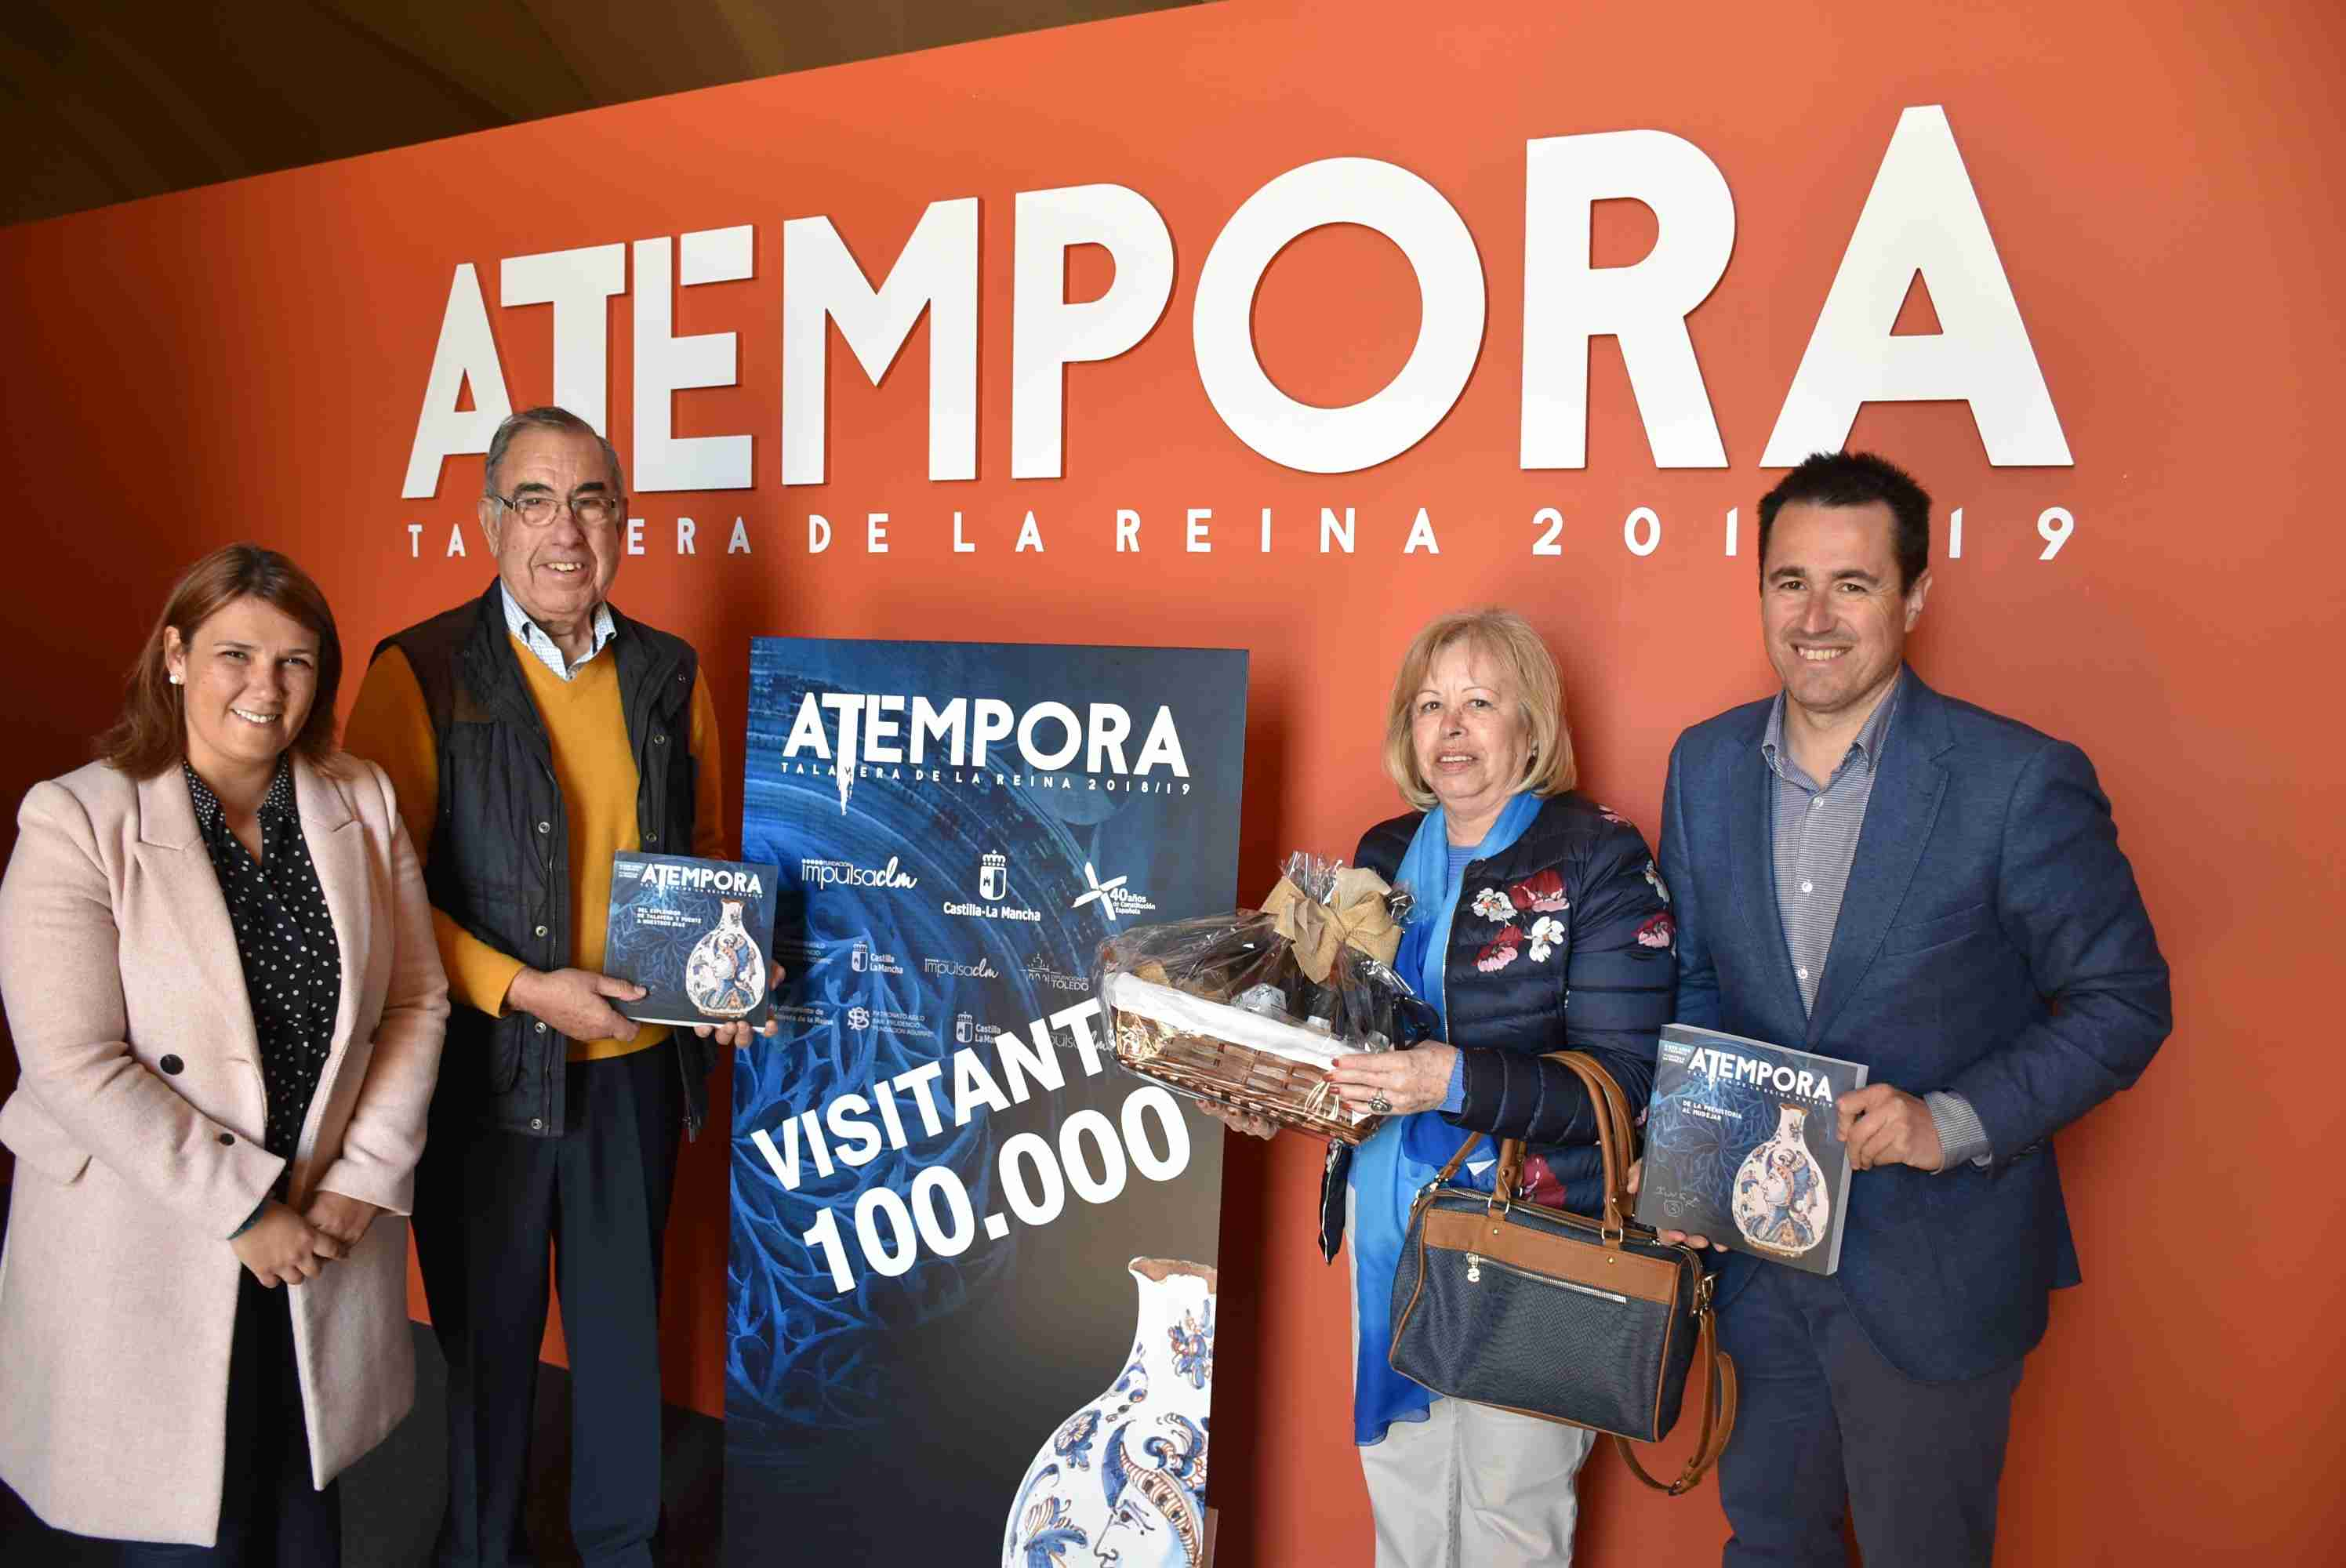 La exposición 'aTempora. 6.000 años de cerámica en Castilla-La Mancha' recibe en la mañana de este jueves a su visitante número 100.000 1